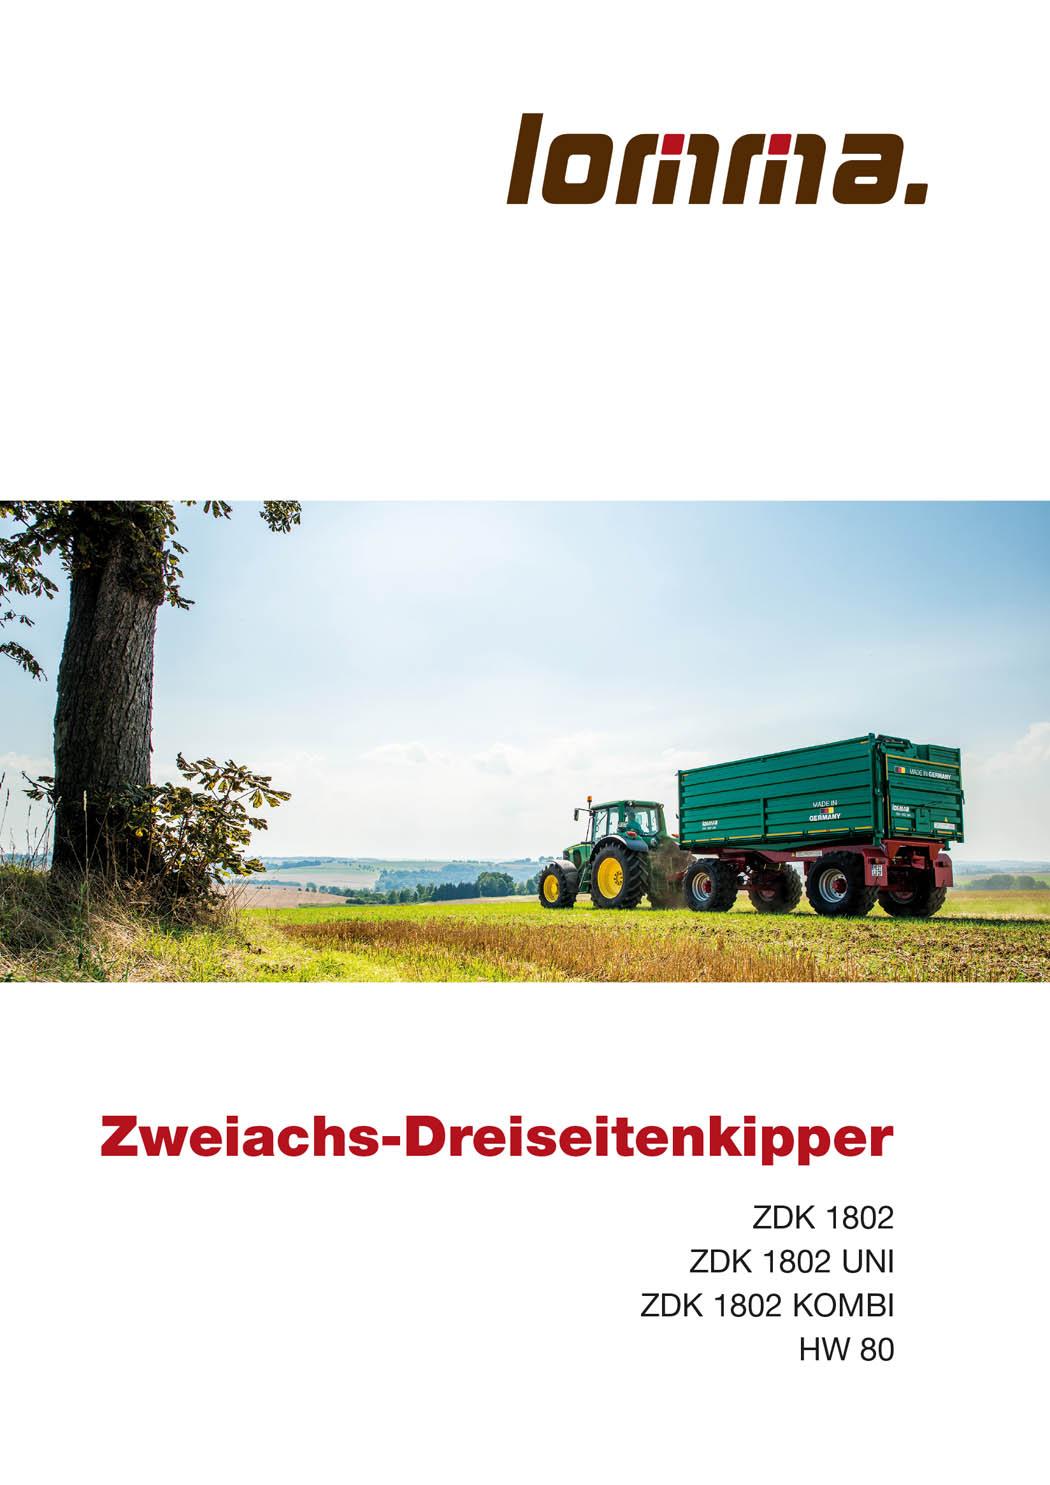 bodenbearbeitung-homepage-zdk